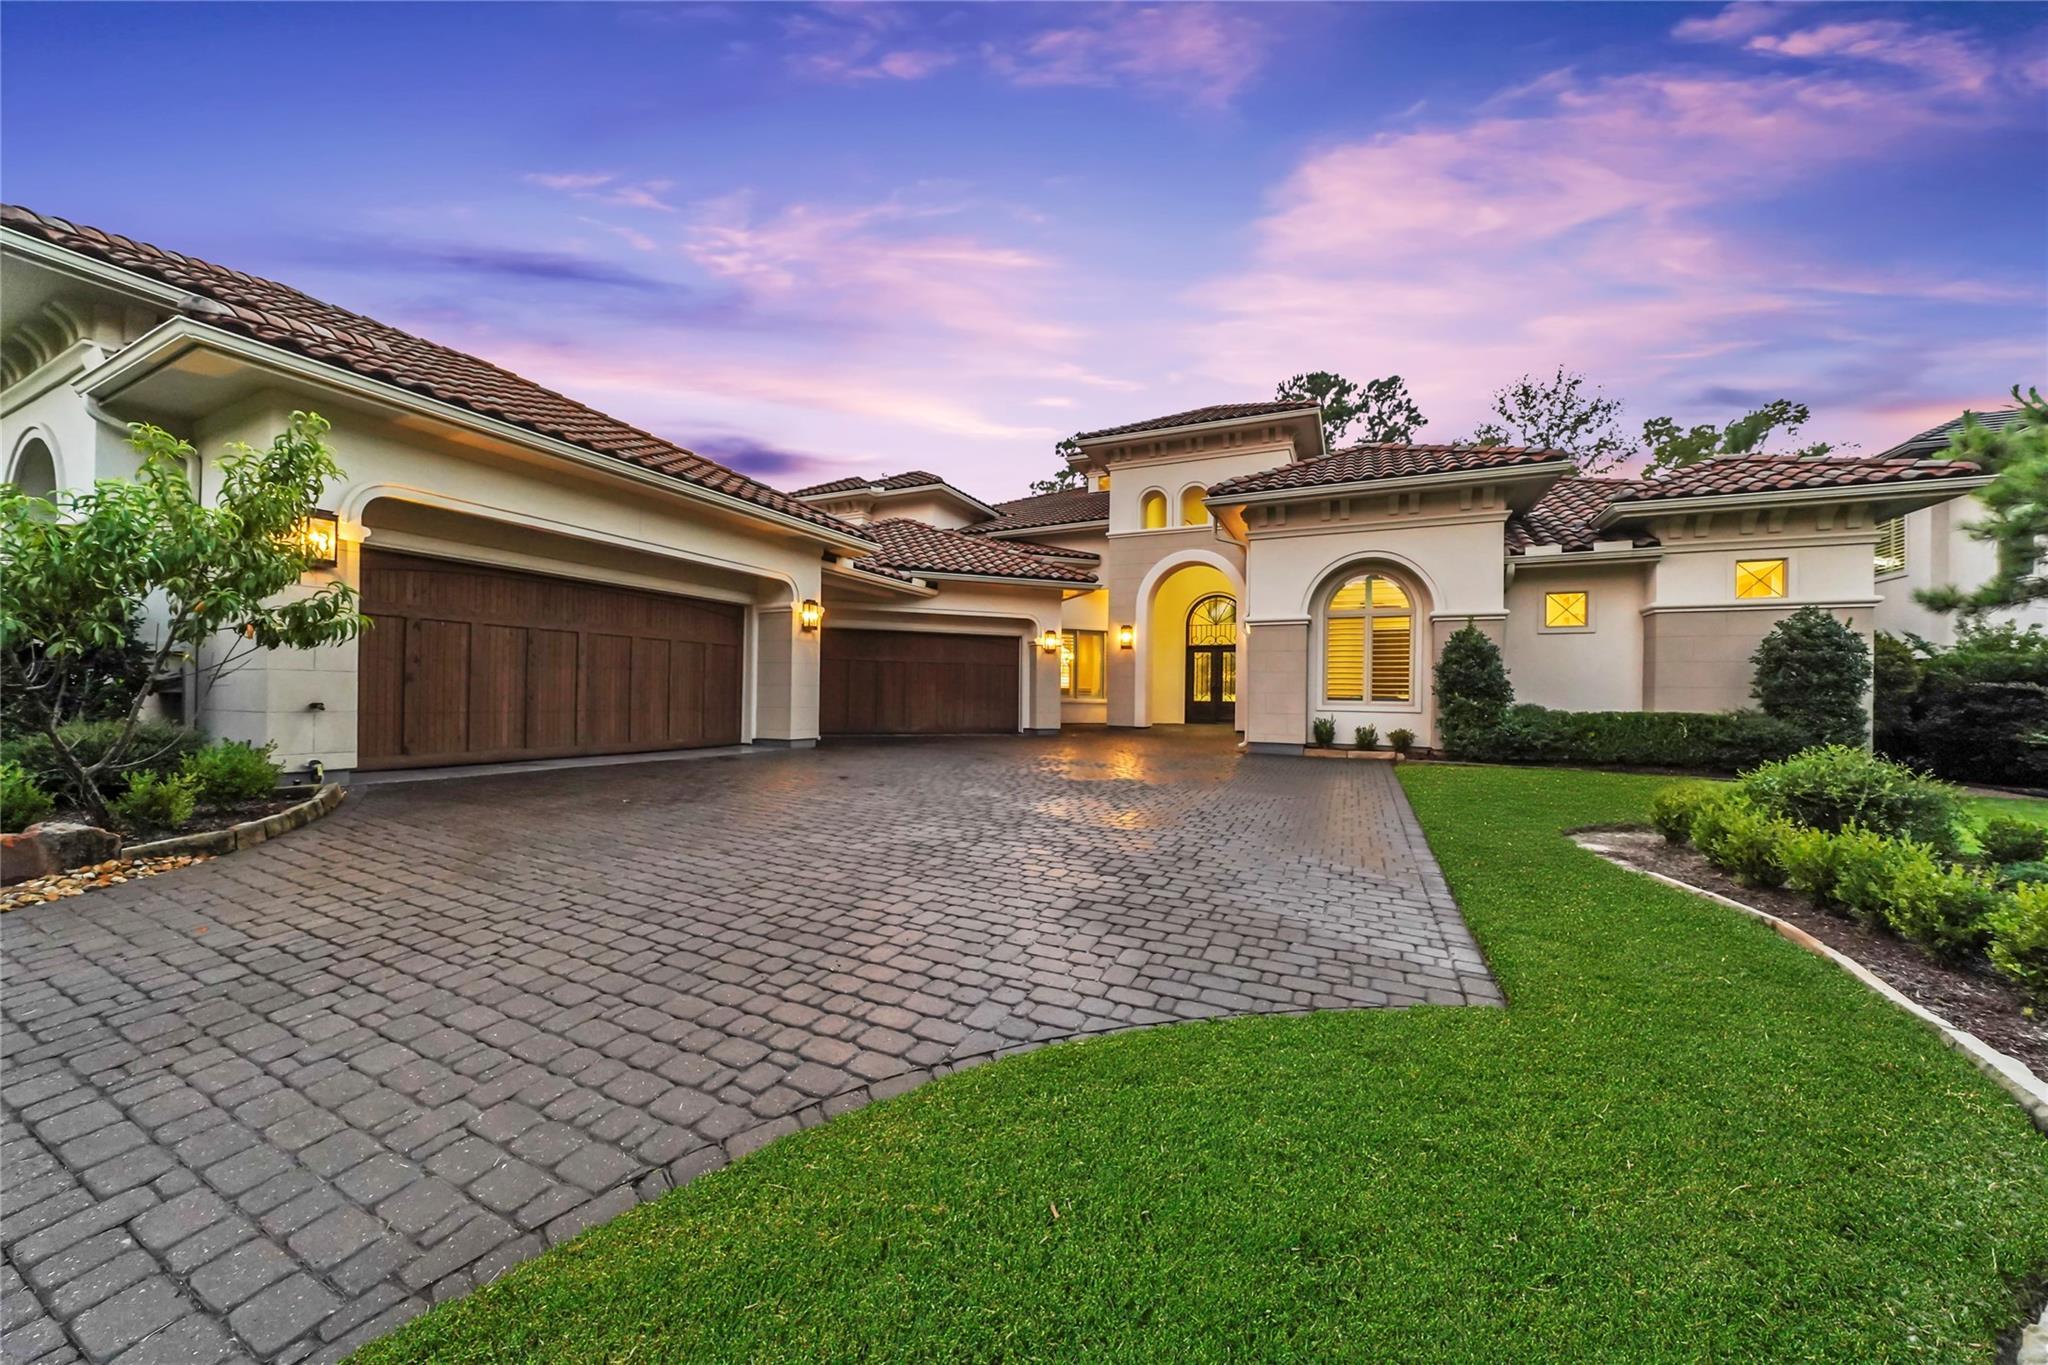 51 N Glenwild Circle Property Photo